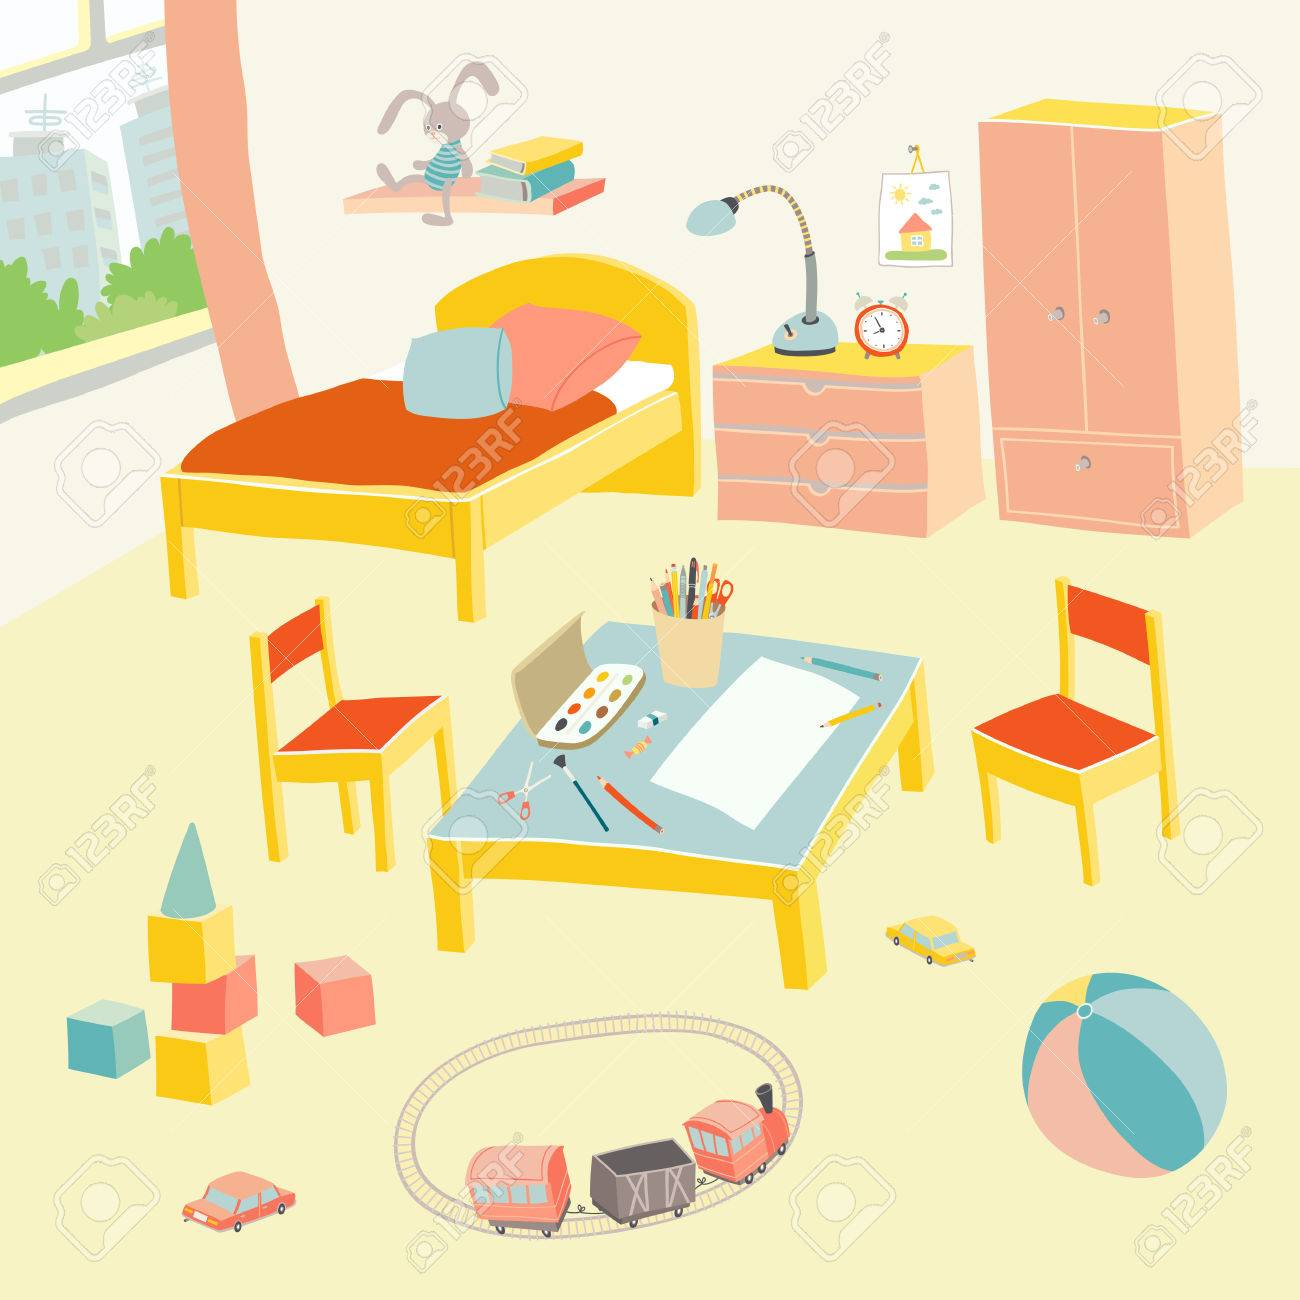 Interior De Los Dormitorios De Los Niños Con Muebles Y Juguetes ...